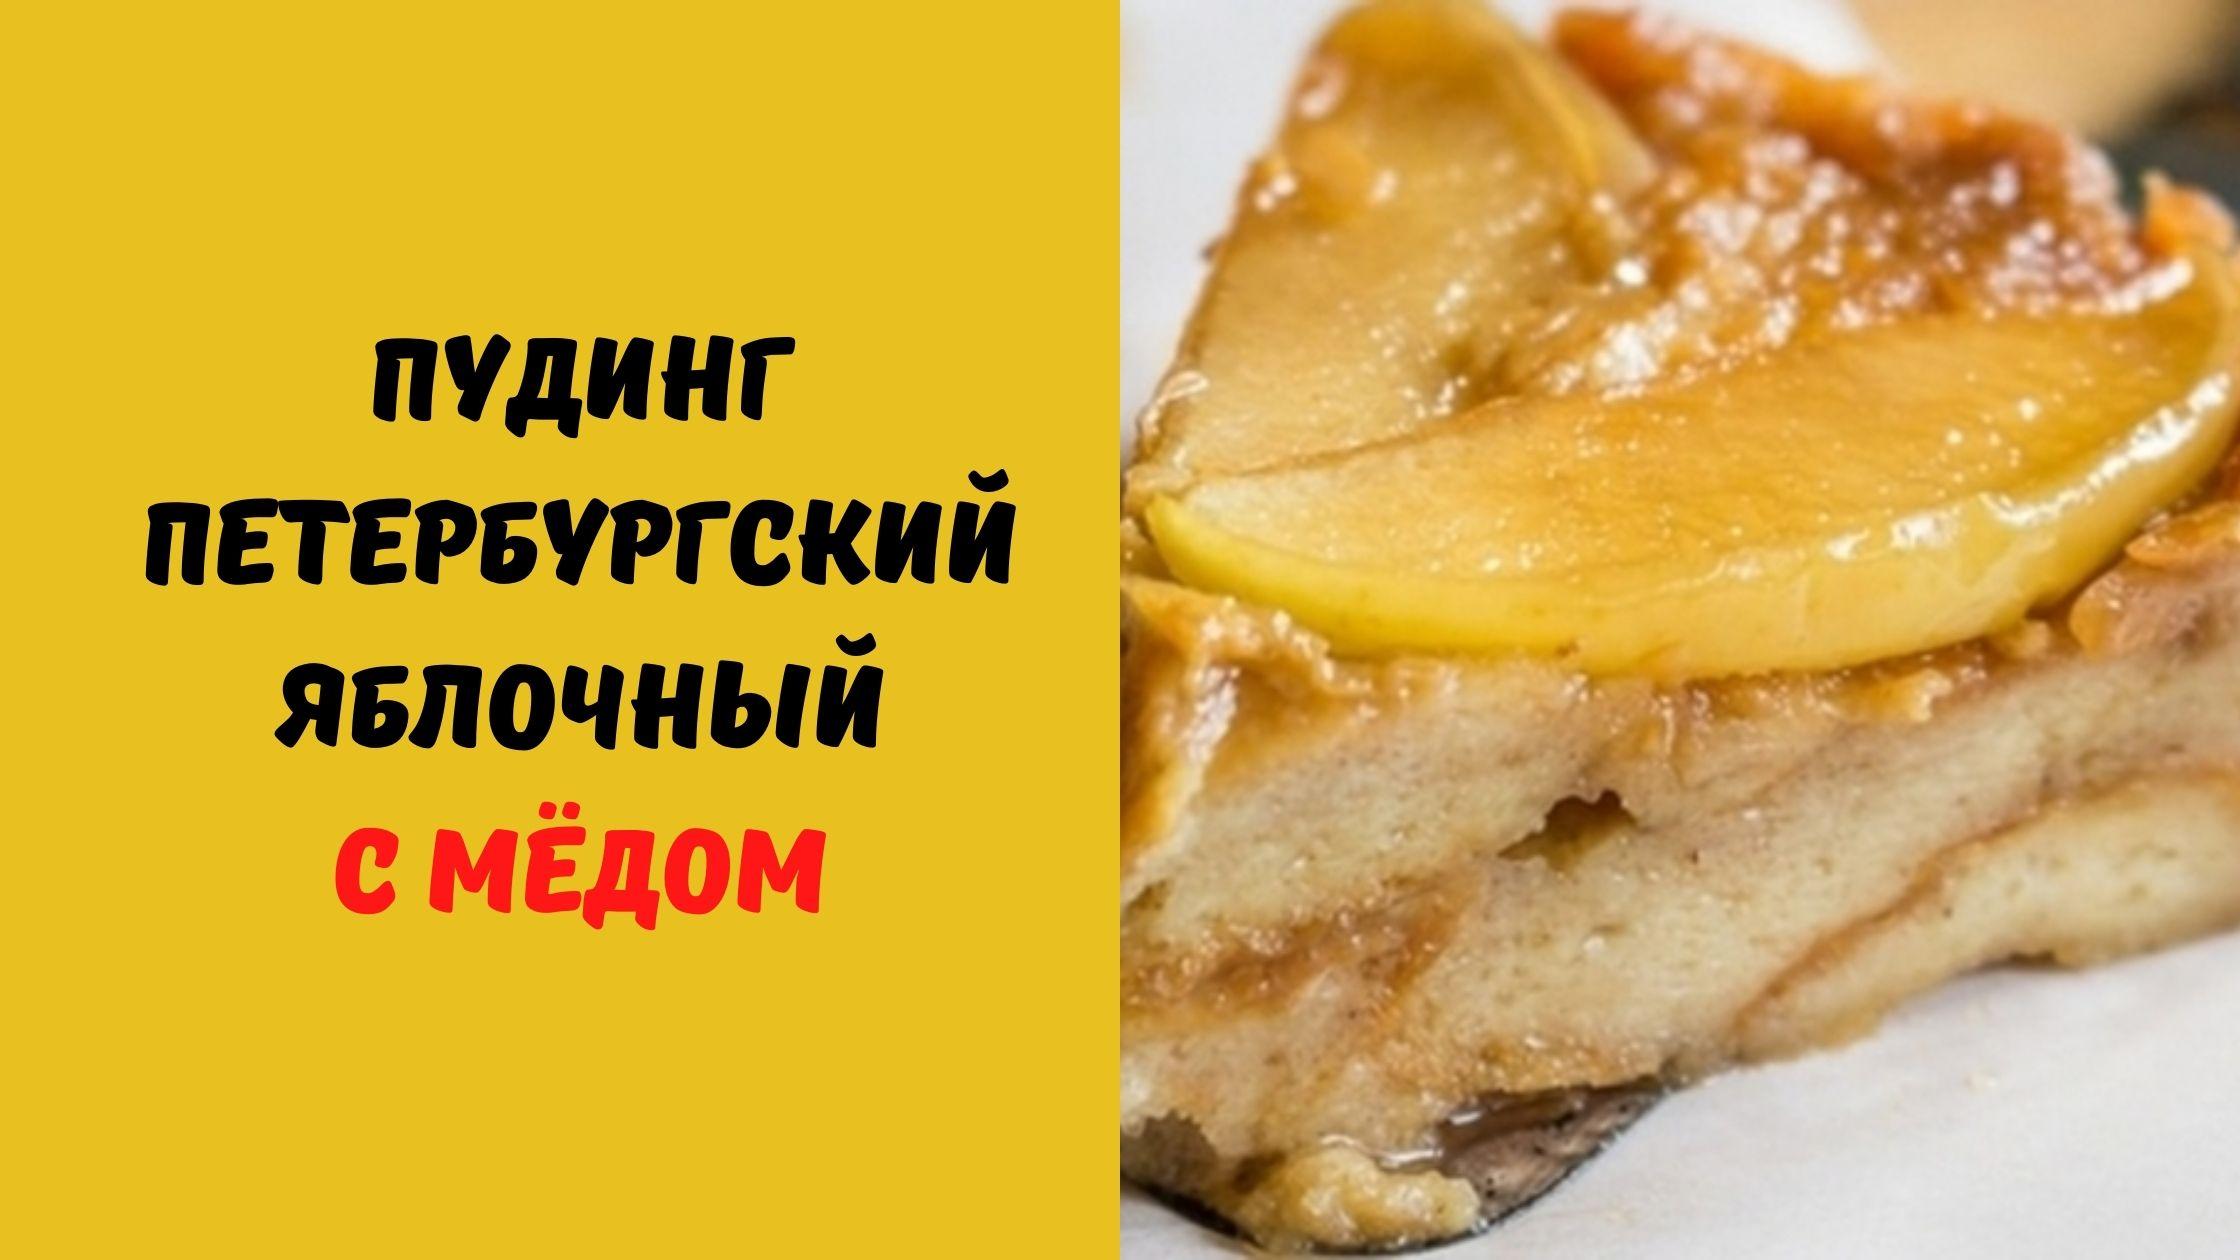 рецепт пудинг петербургский